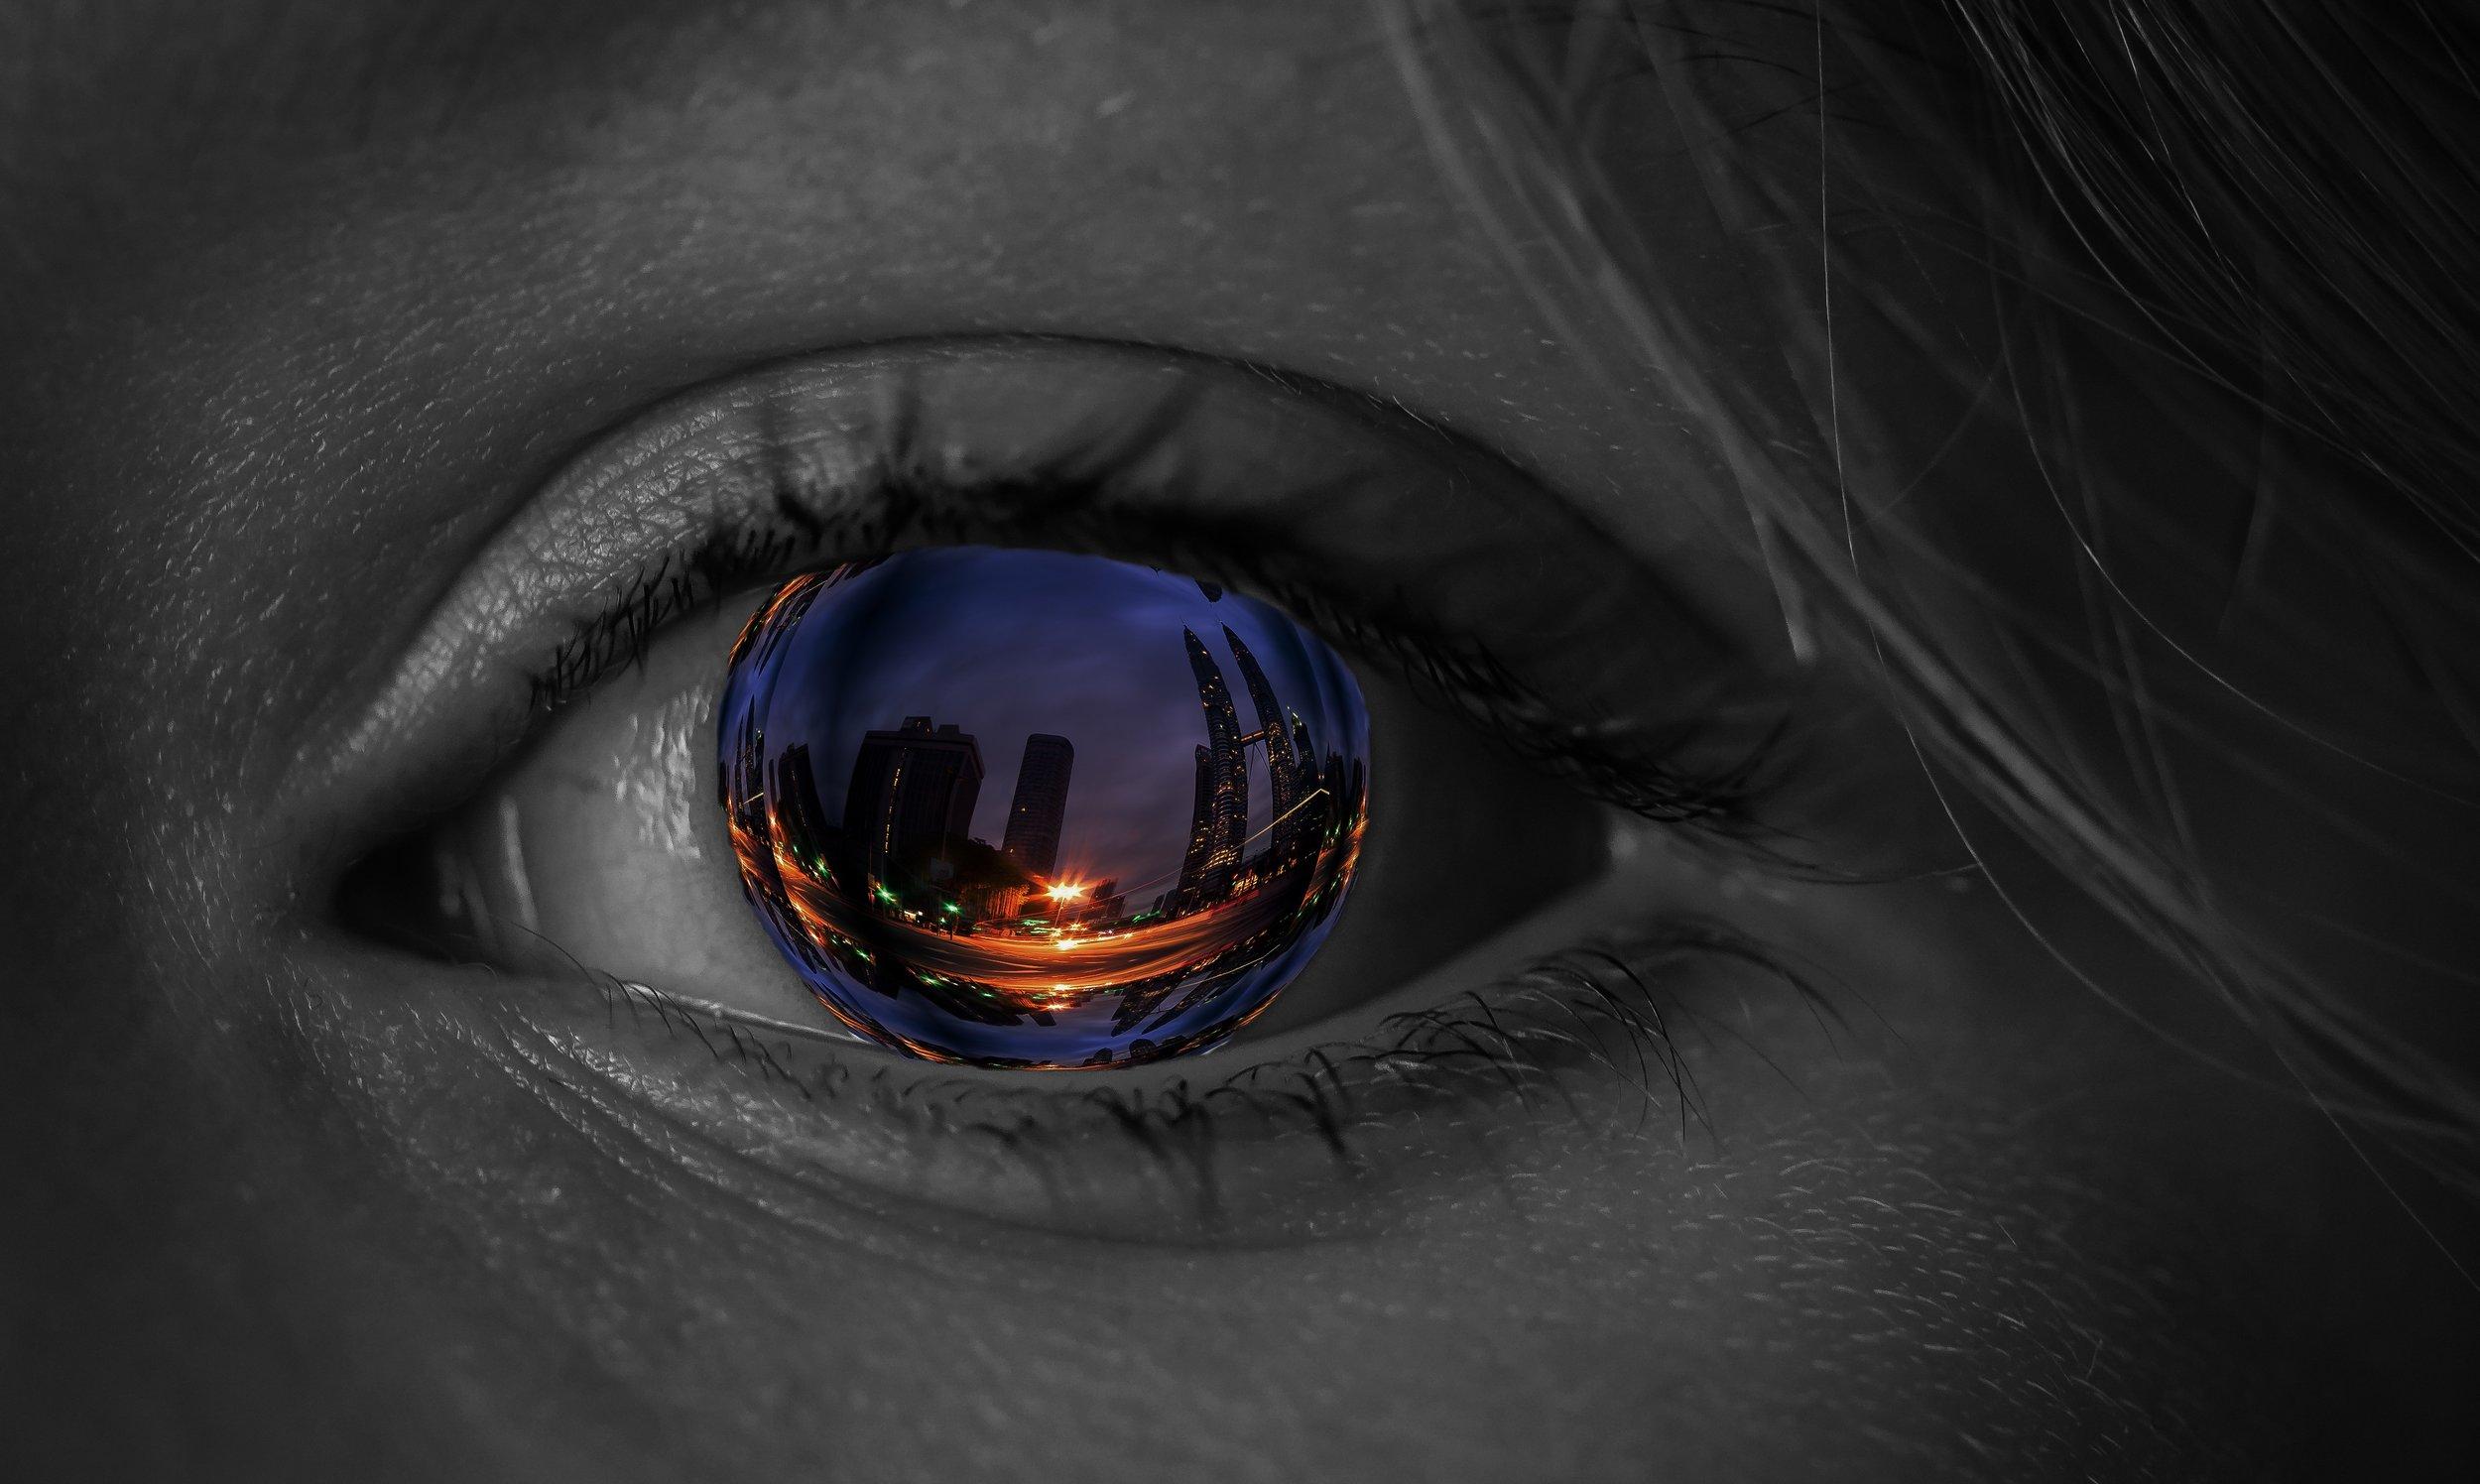 eye-2040986.jpg